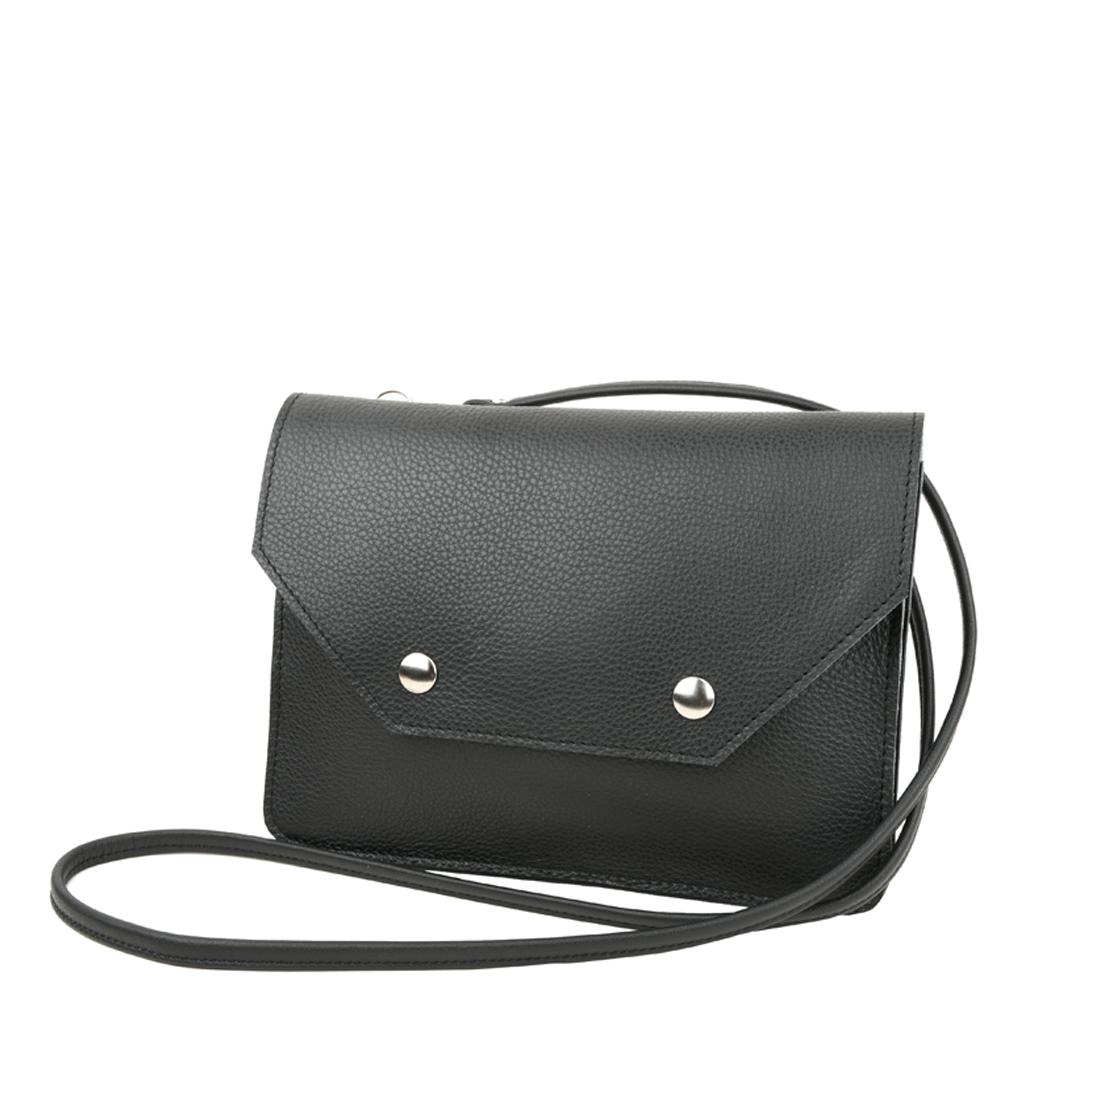 Zara Black Across Body Bag